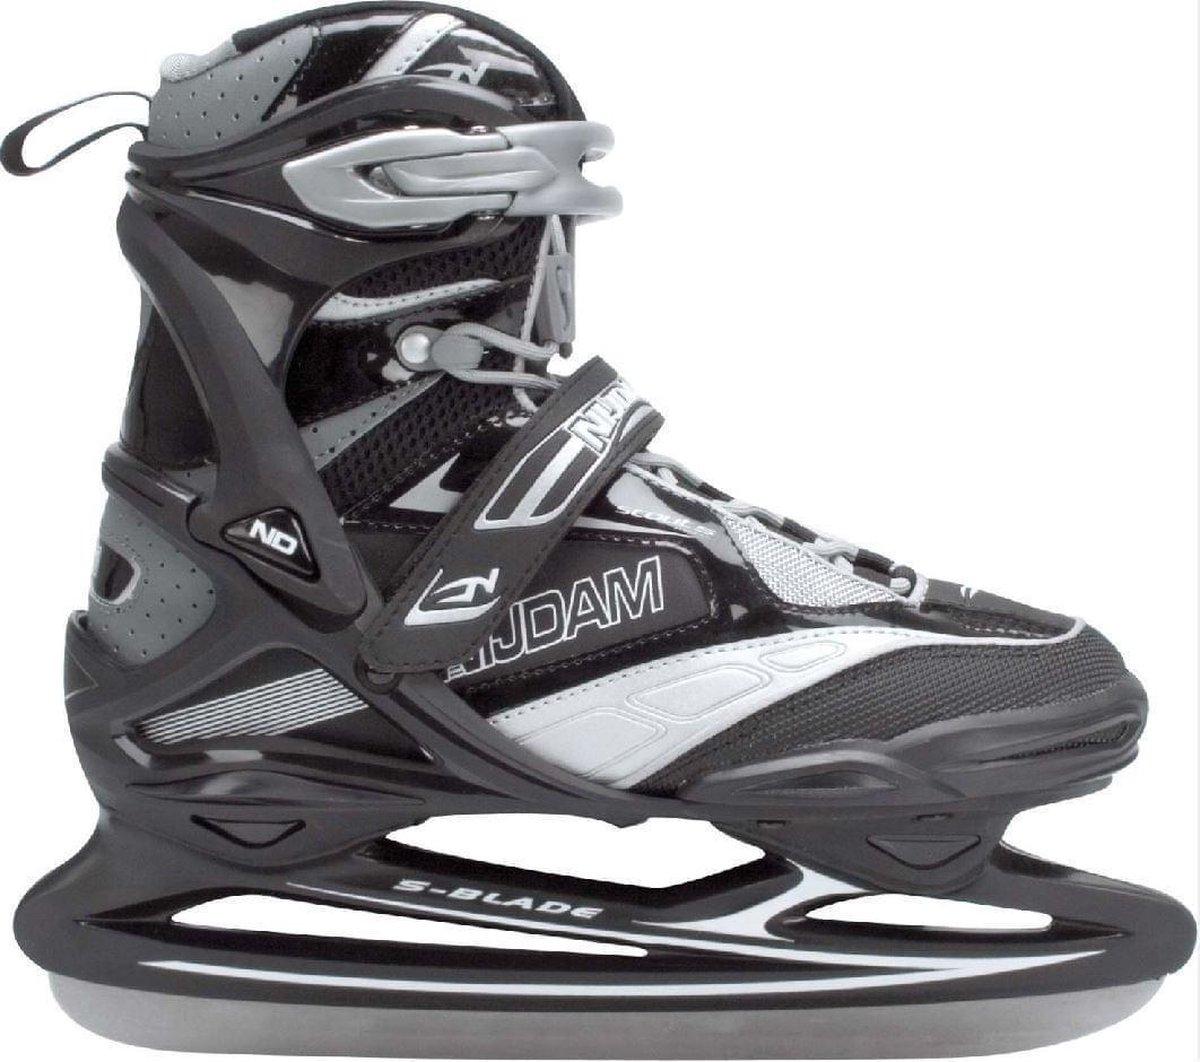 0108 Pro Line IJshockeyschaats - Maat 38 - Schaatsen - Unisex